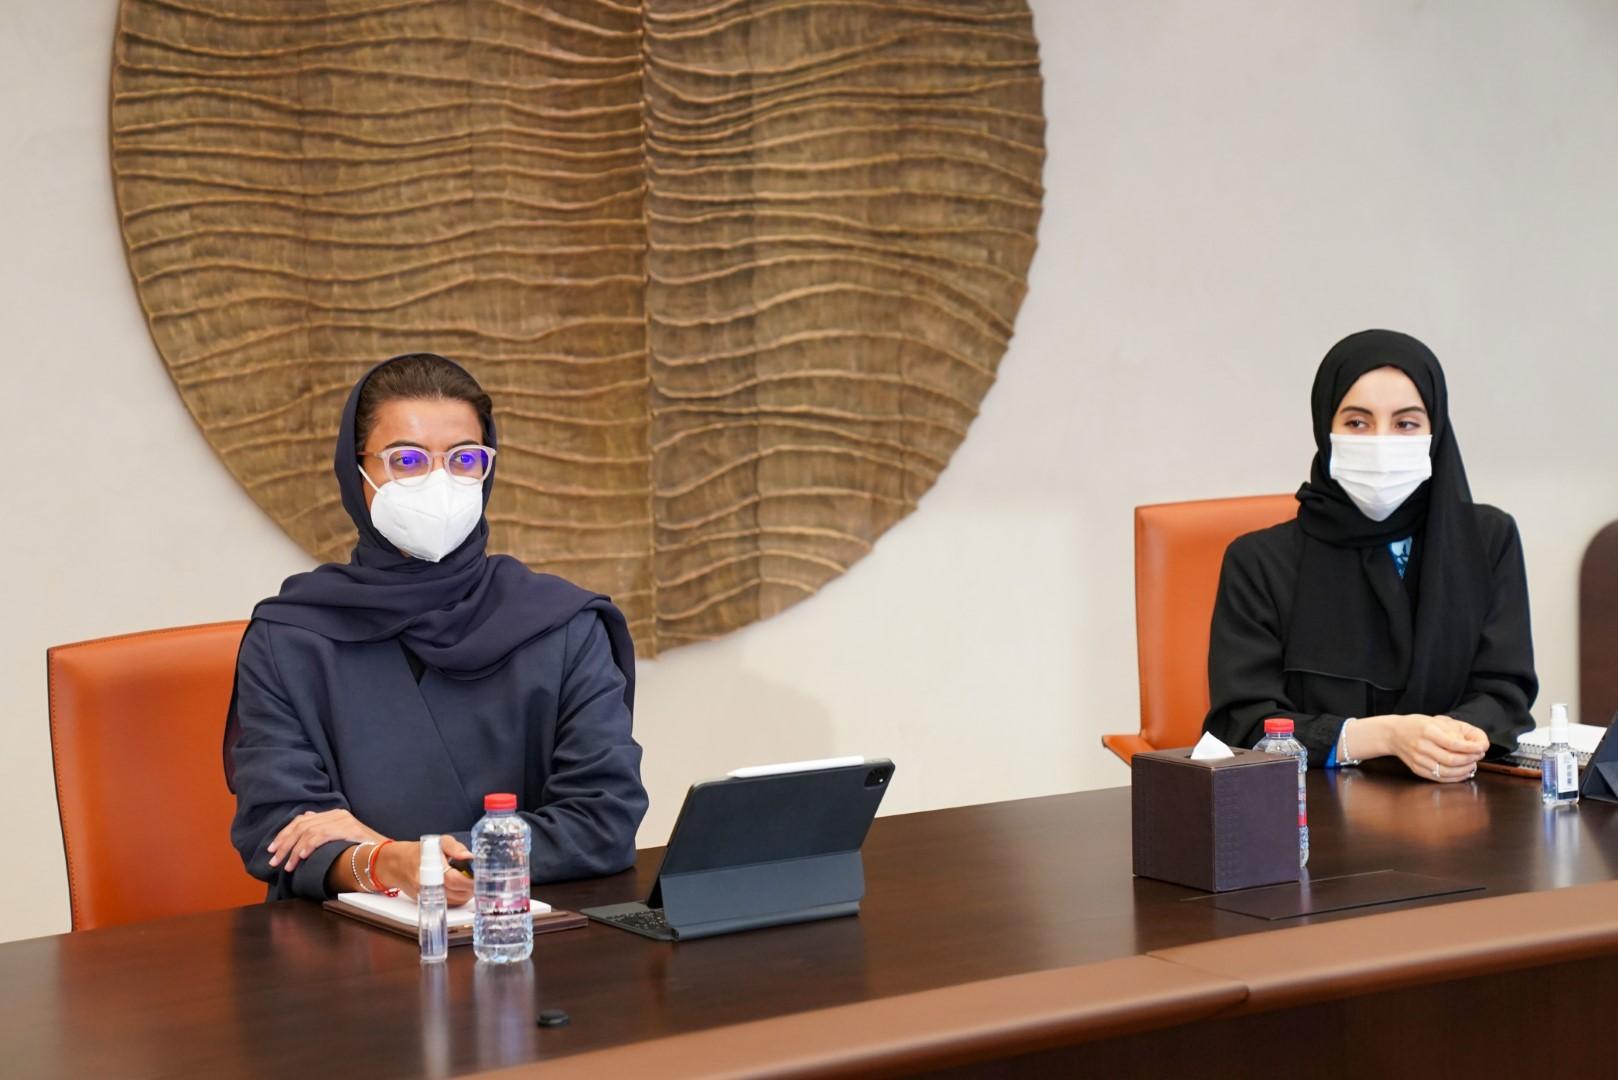 محمد بن راشد يطلع على خطط وزارة الثقافة والشباب ويتابع مستجدات الاستراتيجية الوطنية للشباب